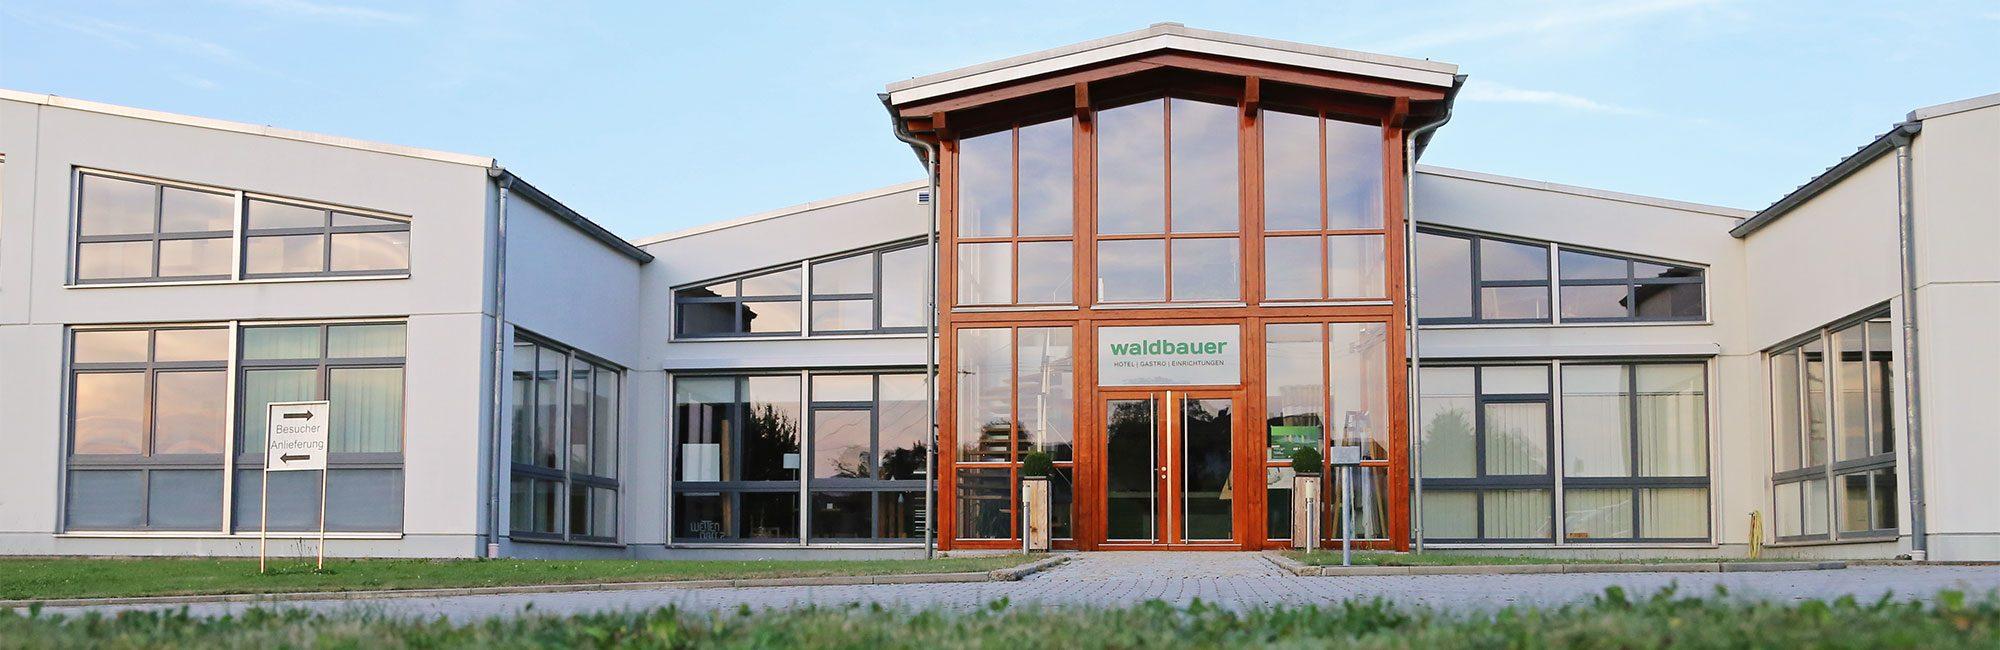 Aktuelles - Waldbauer Holztechnik Hoteleinrichtungen und Gastroeinrichtungen